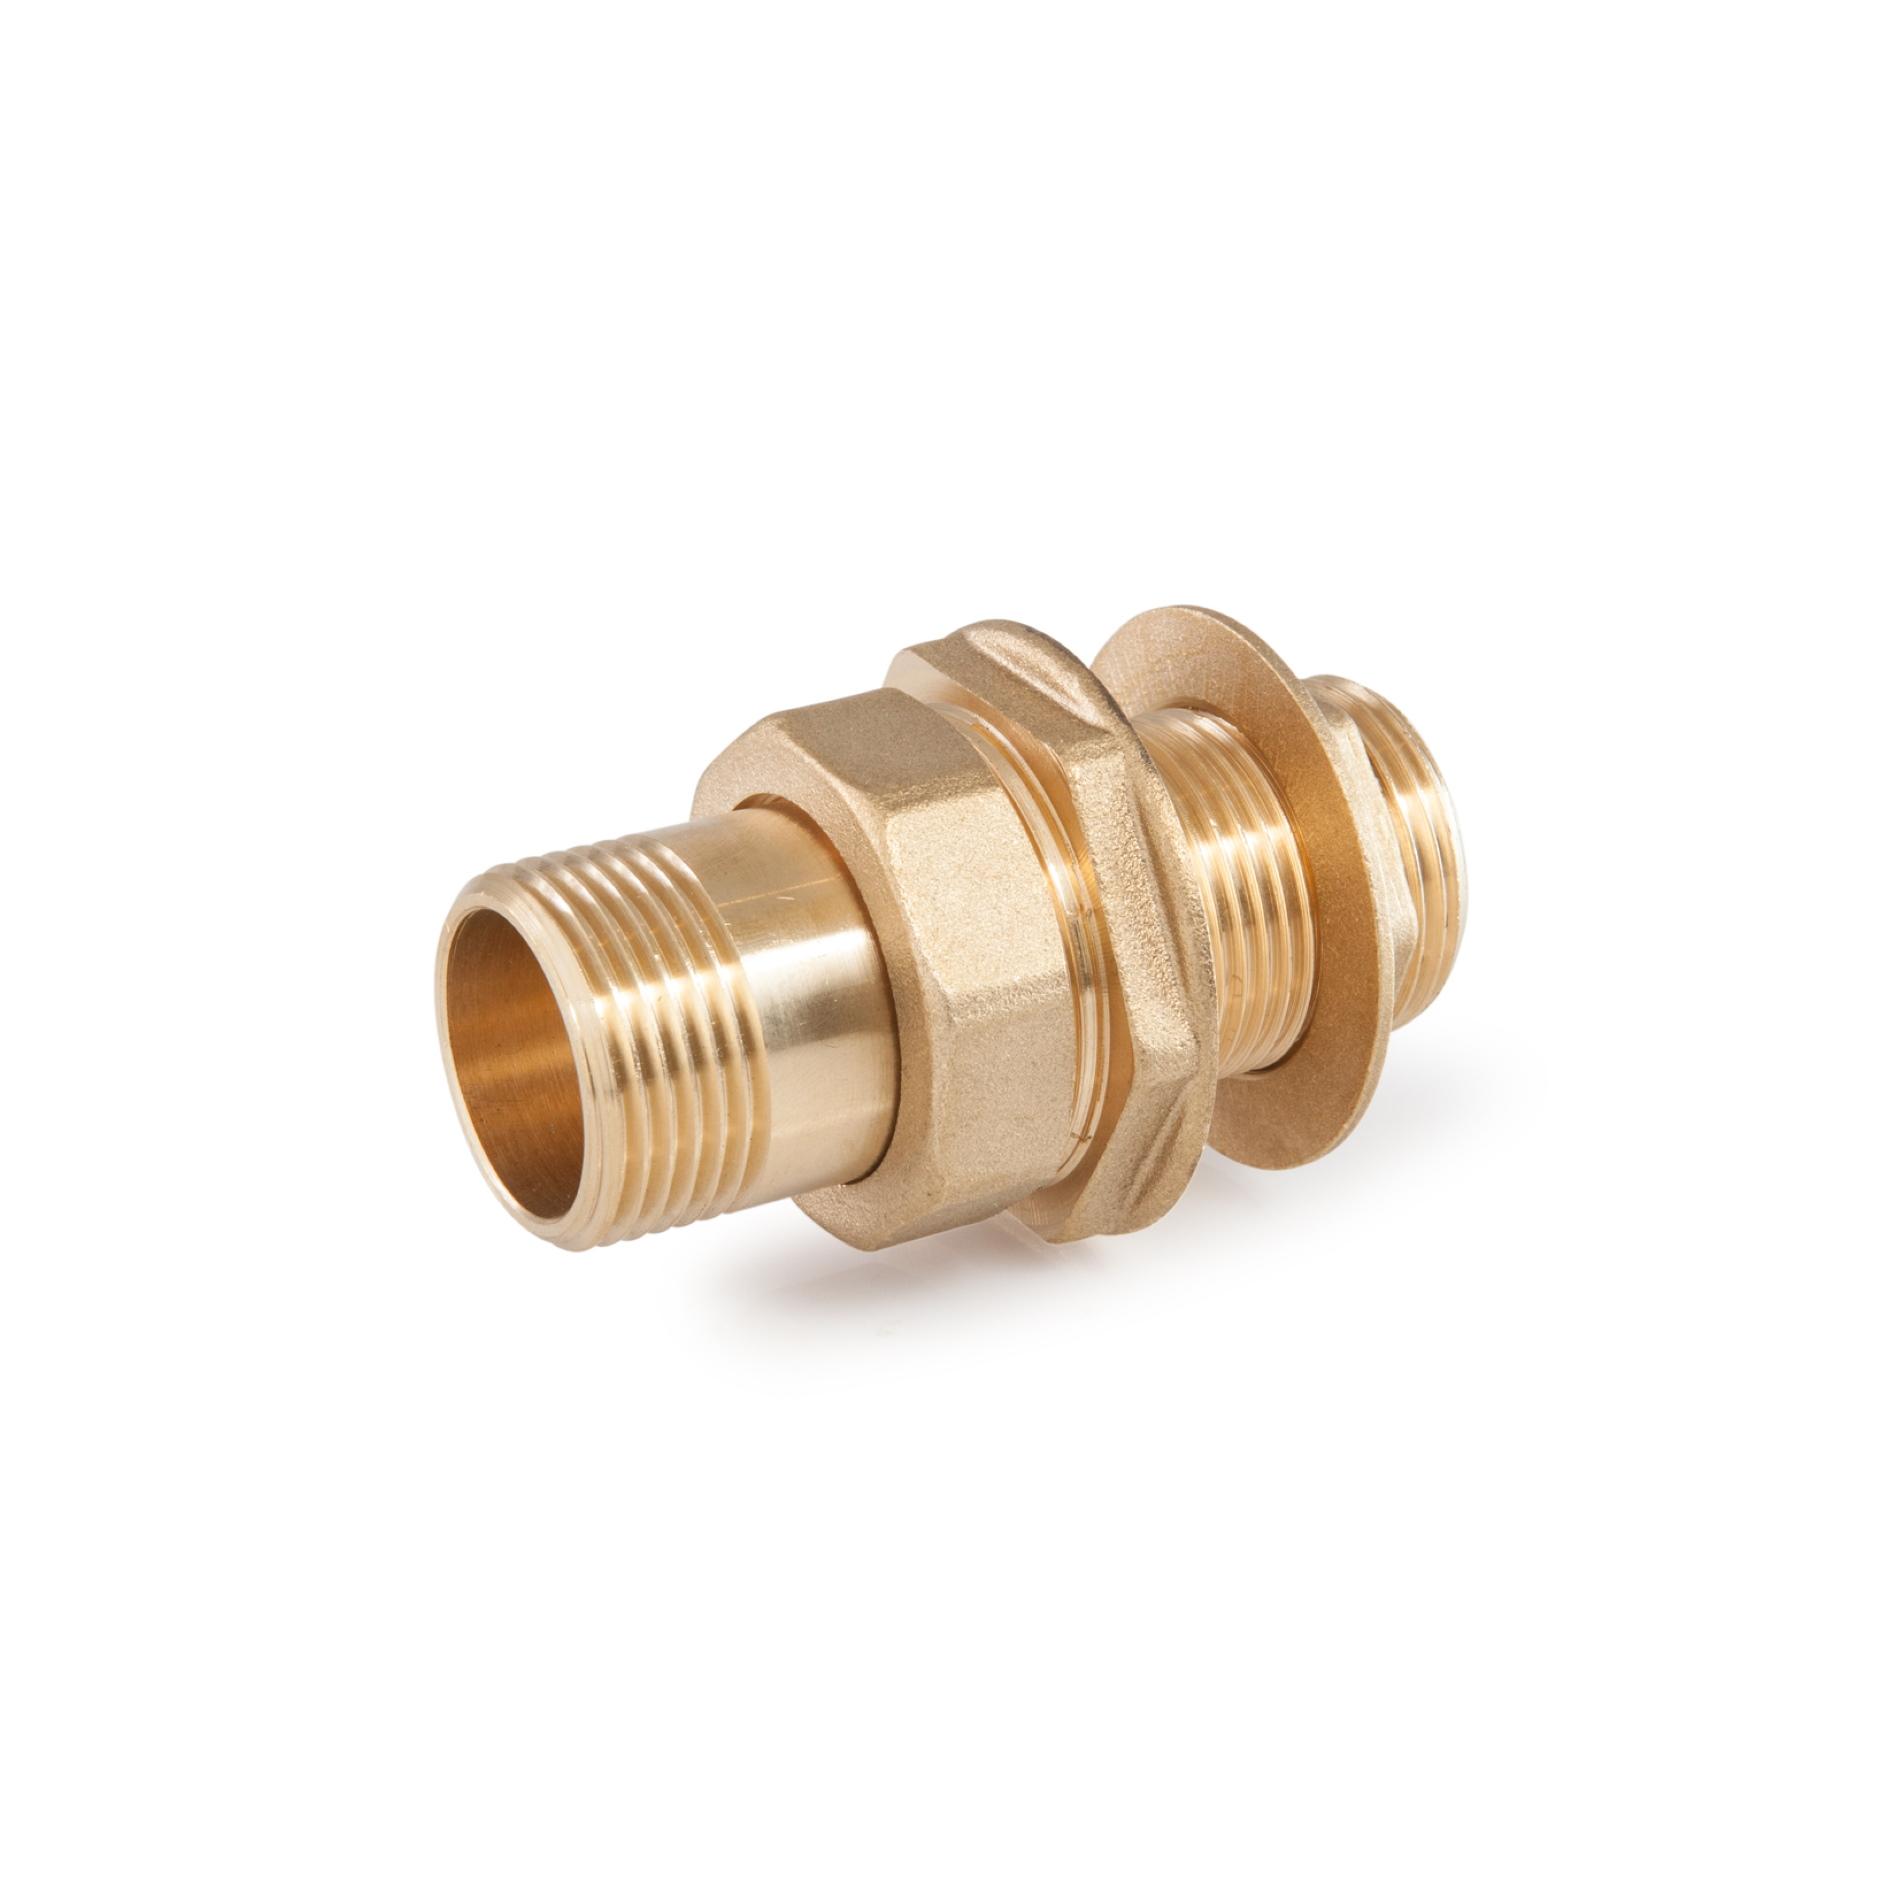 855 Raccordo per cassone Tank connection ottone filettato brass threaded